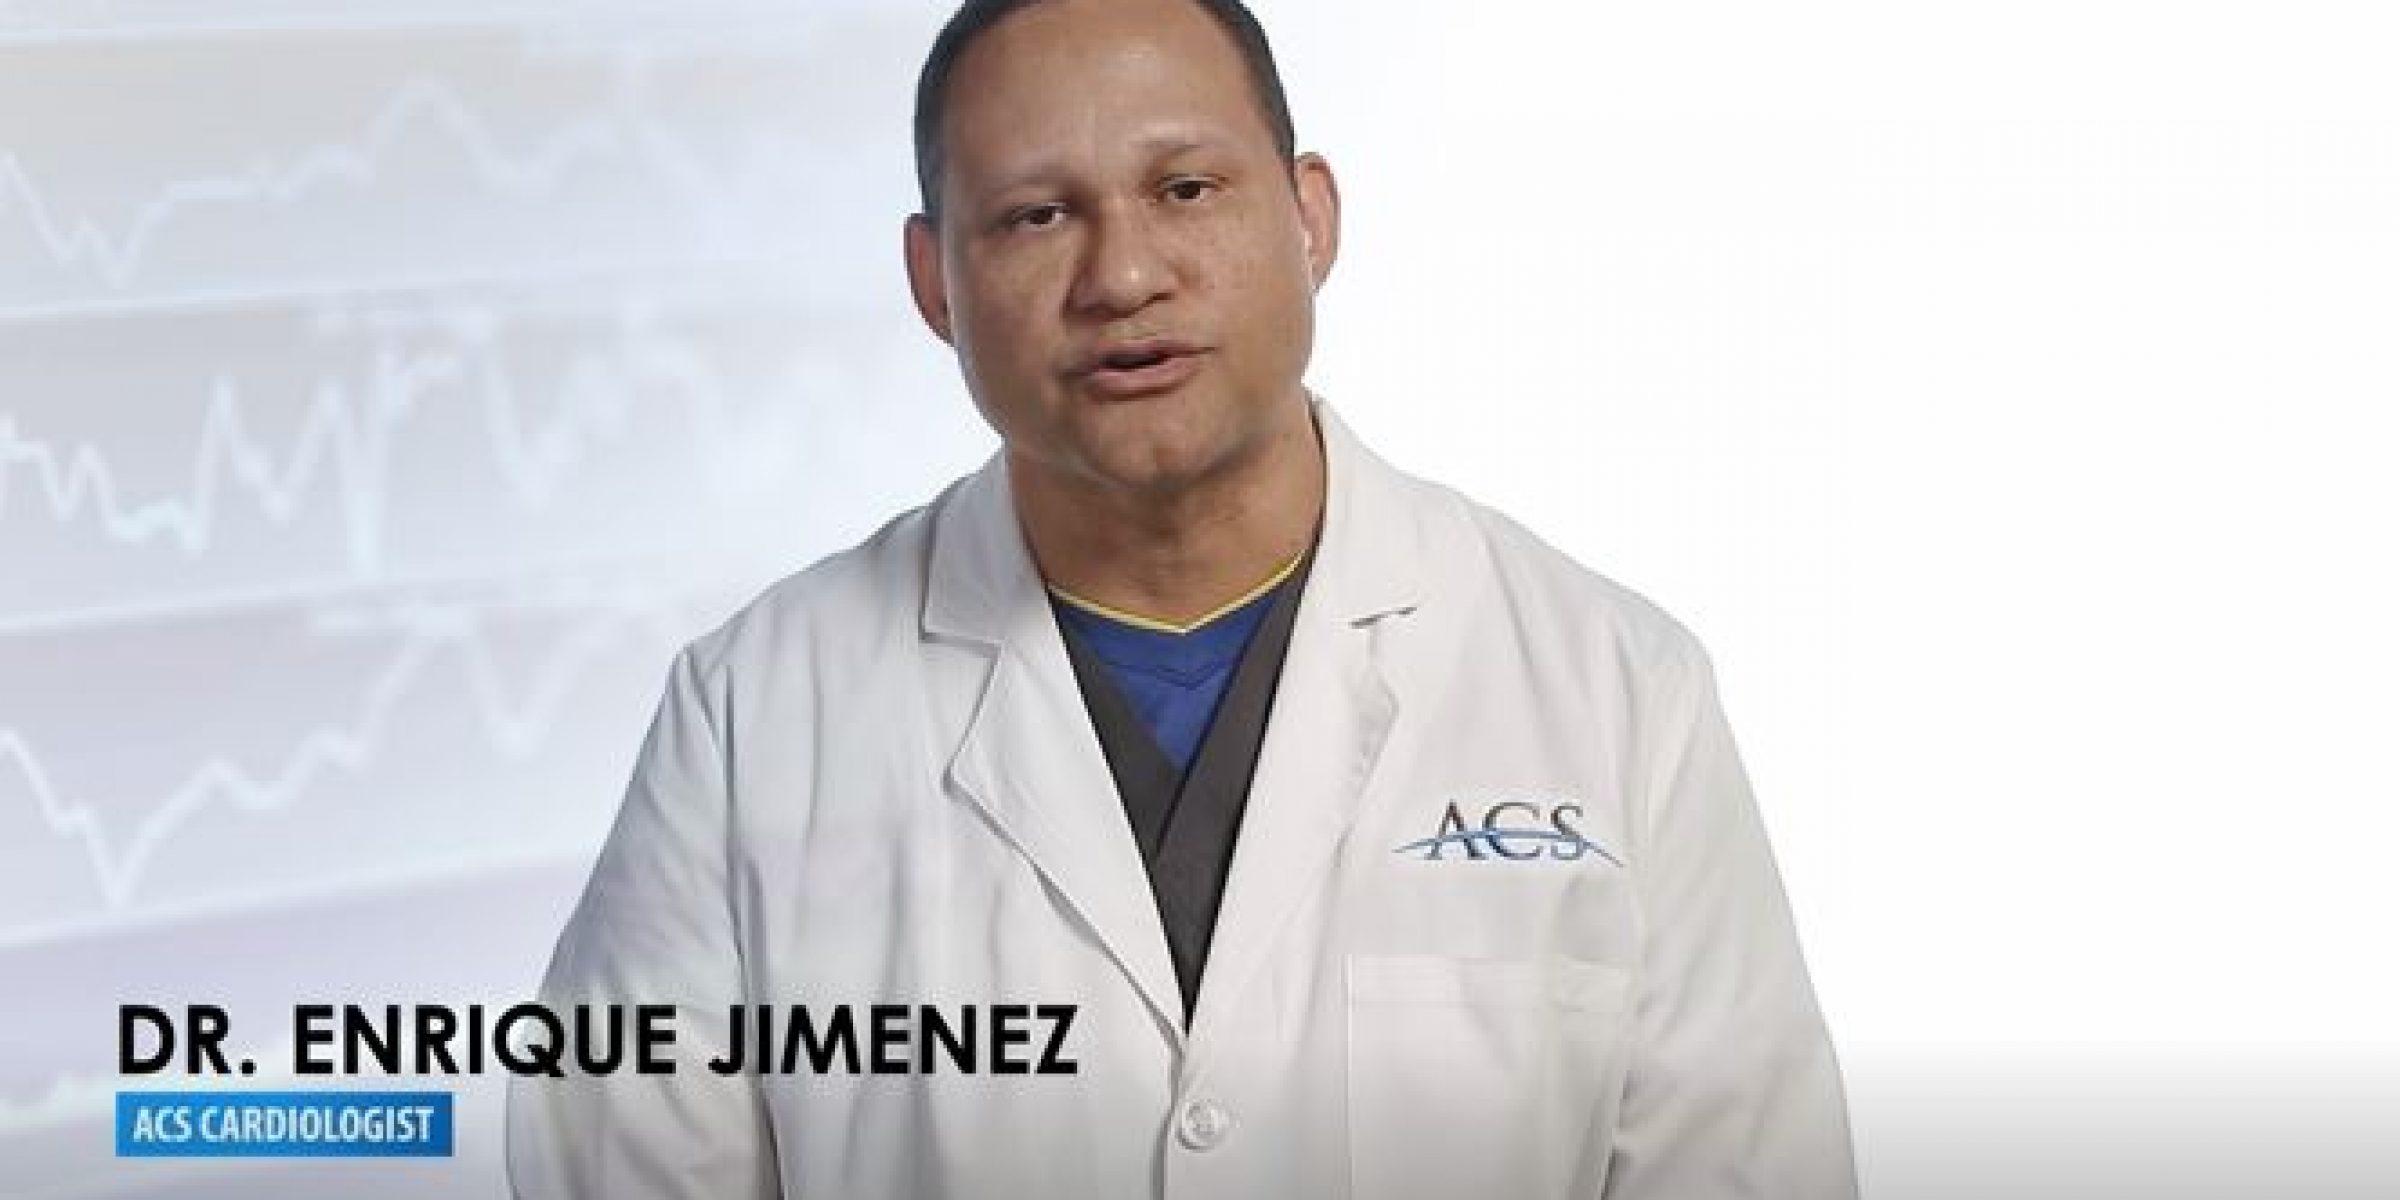 Cardiologist, Shreveport Cardiologist, Varicose Veins, Dr. Enrique Jimenez